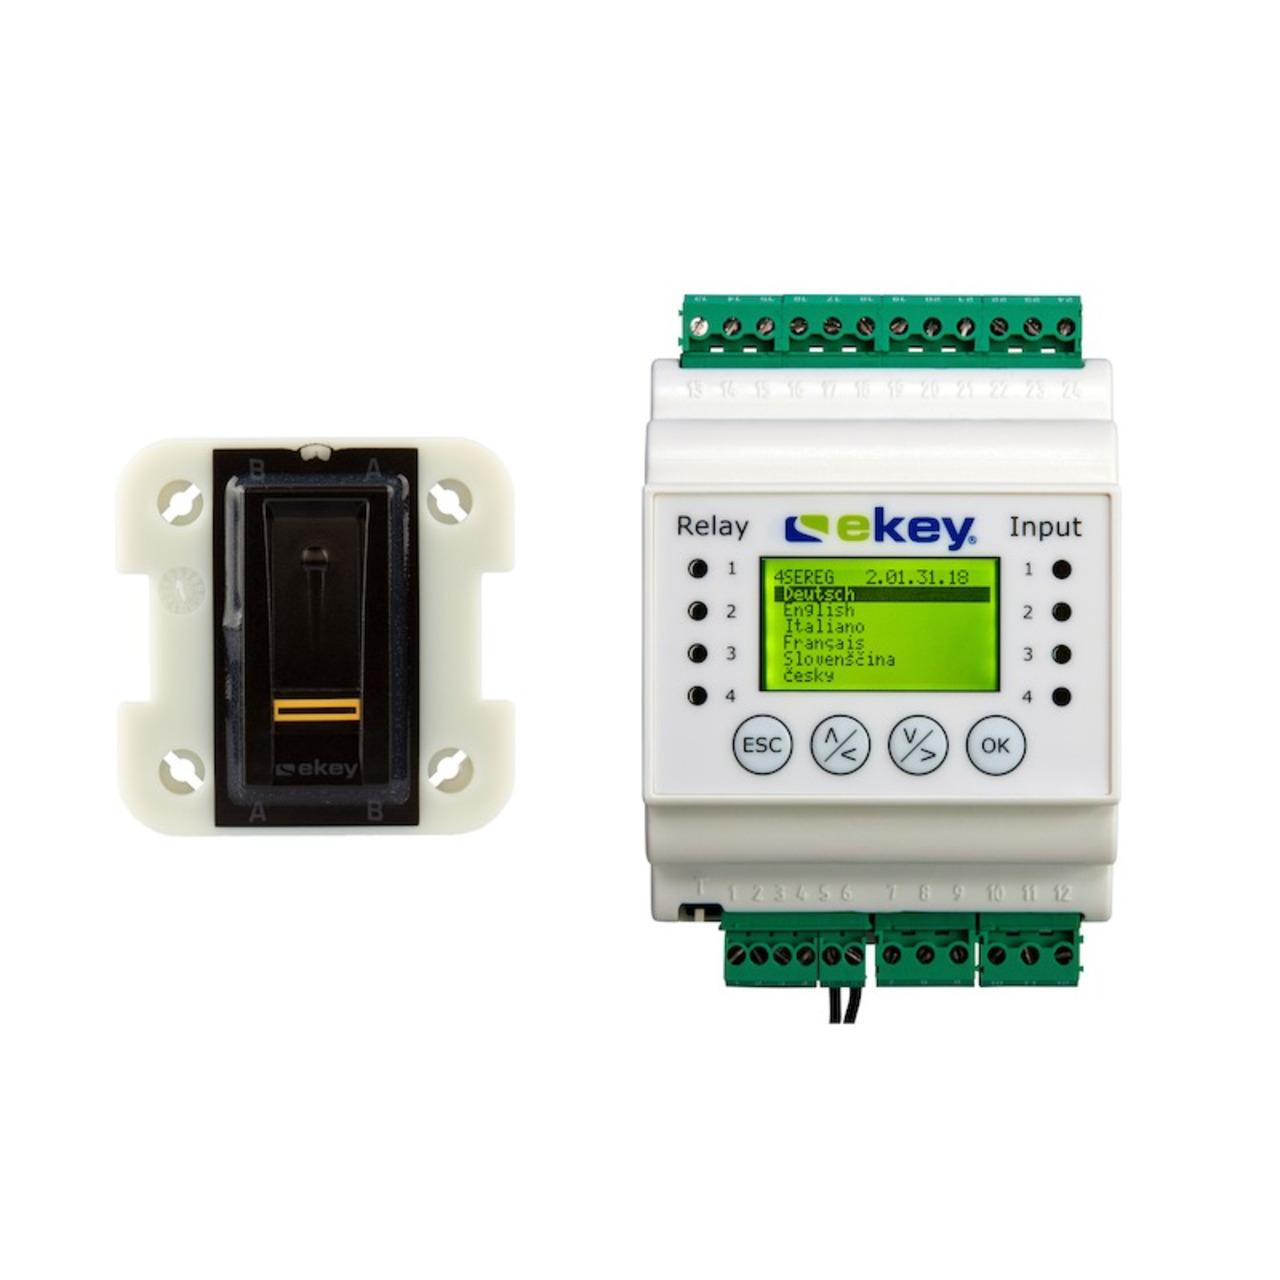 ekey Fingerprintscanner home Set UP I SC REG 2- Relais 99- schwarz für Doorbird D2101FV